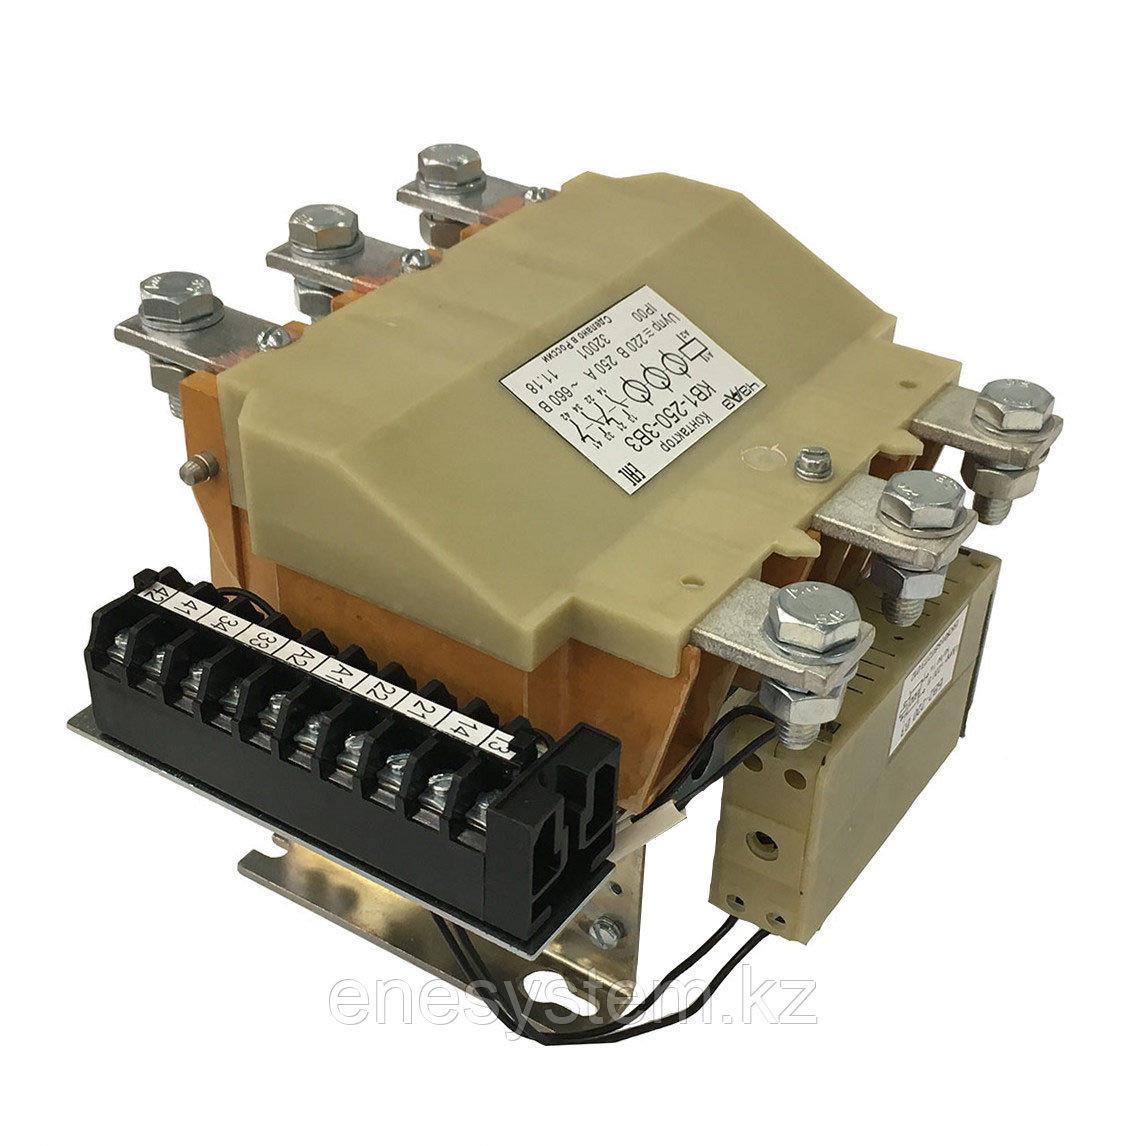 Контакторы вакуумные трехкамерные реверсивные КВ-1-160-3Р